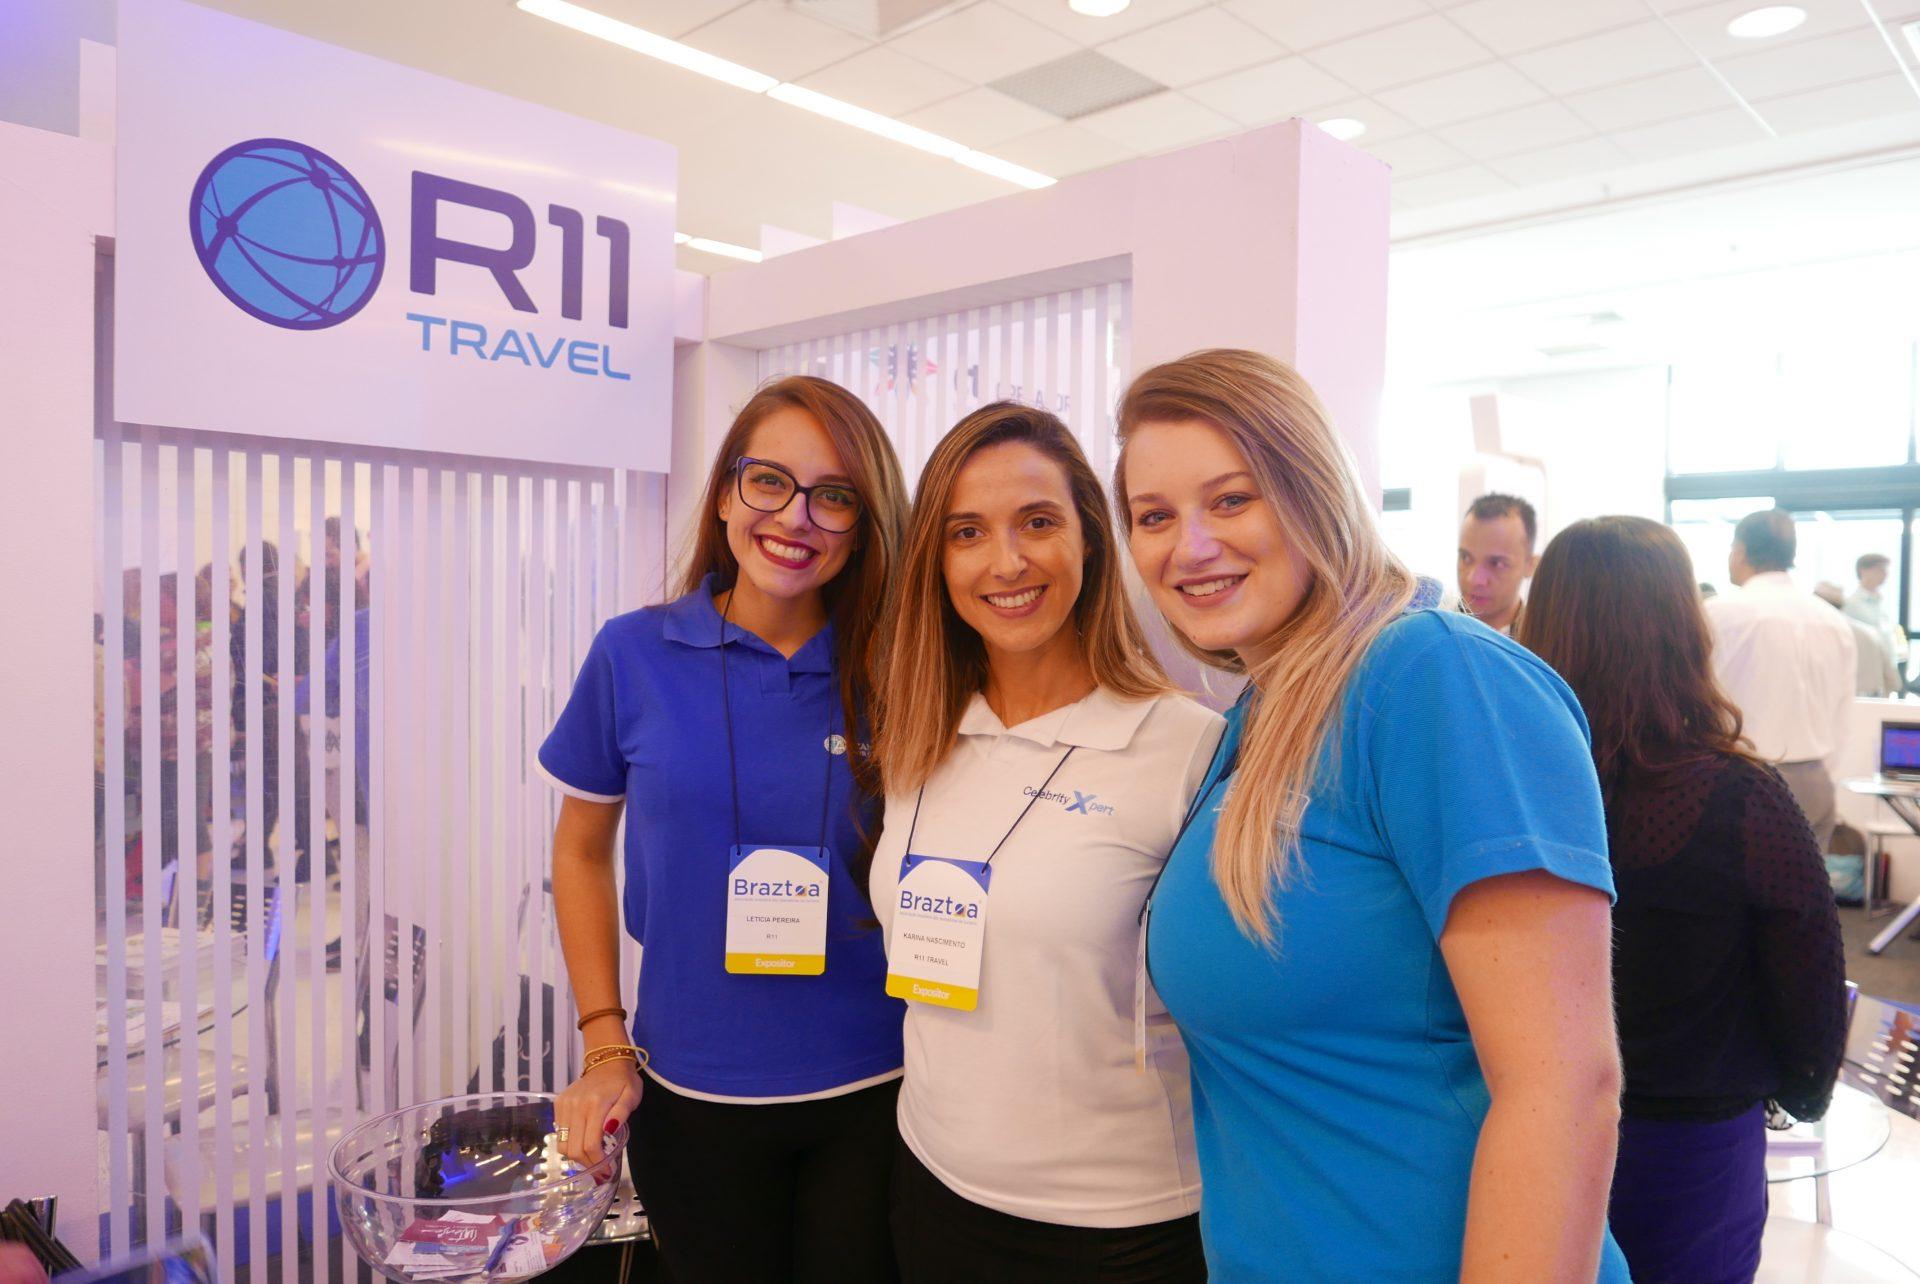 Letícia Pereira, Karina Nascimento, e Giulianne Orçati, da R11 Travel